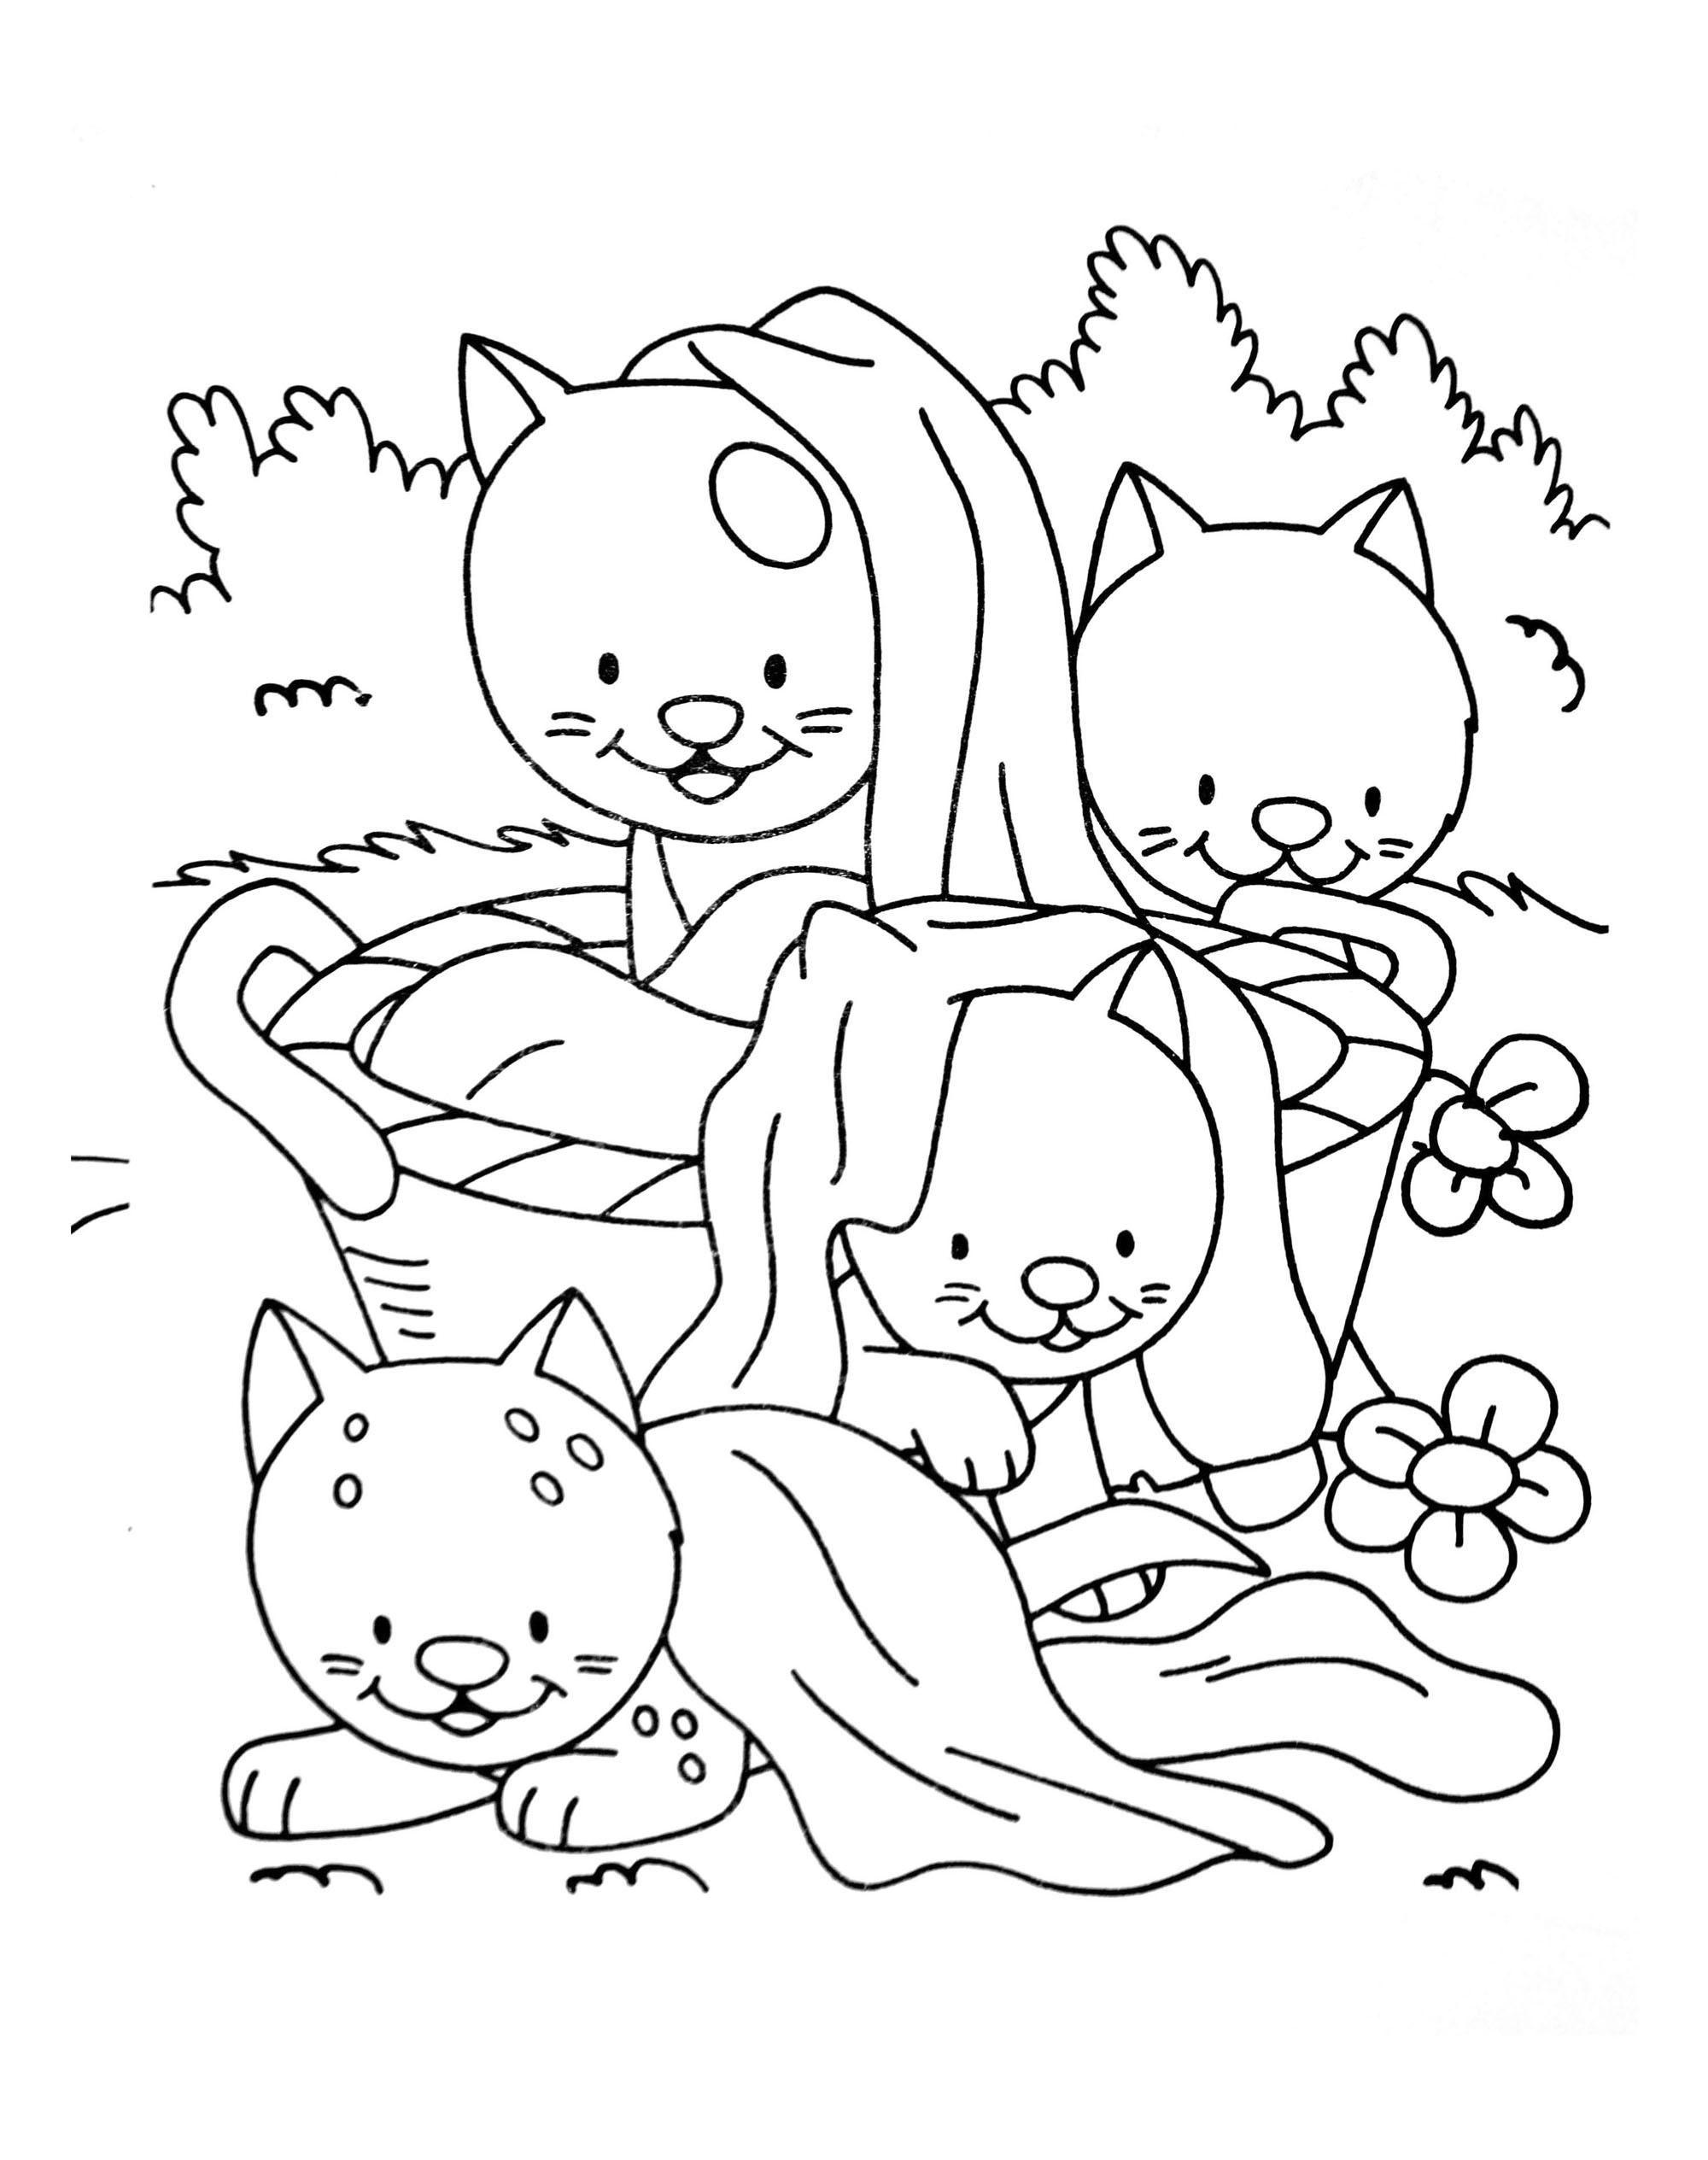 coloriage enfant 3 ans filename coloring page beautiful dessin decoloriage 3 ans a imprimer gratuit